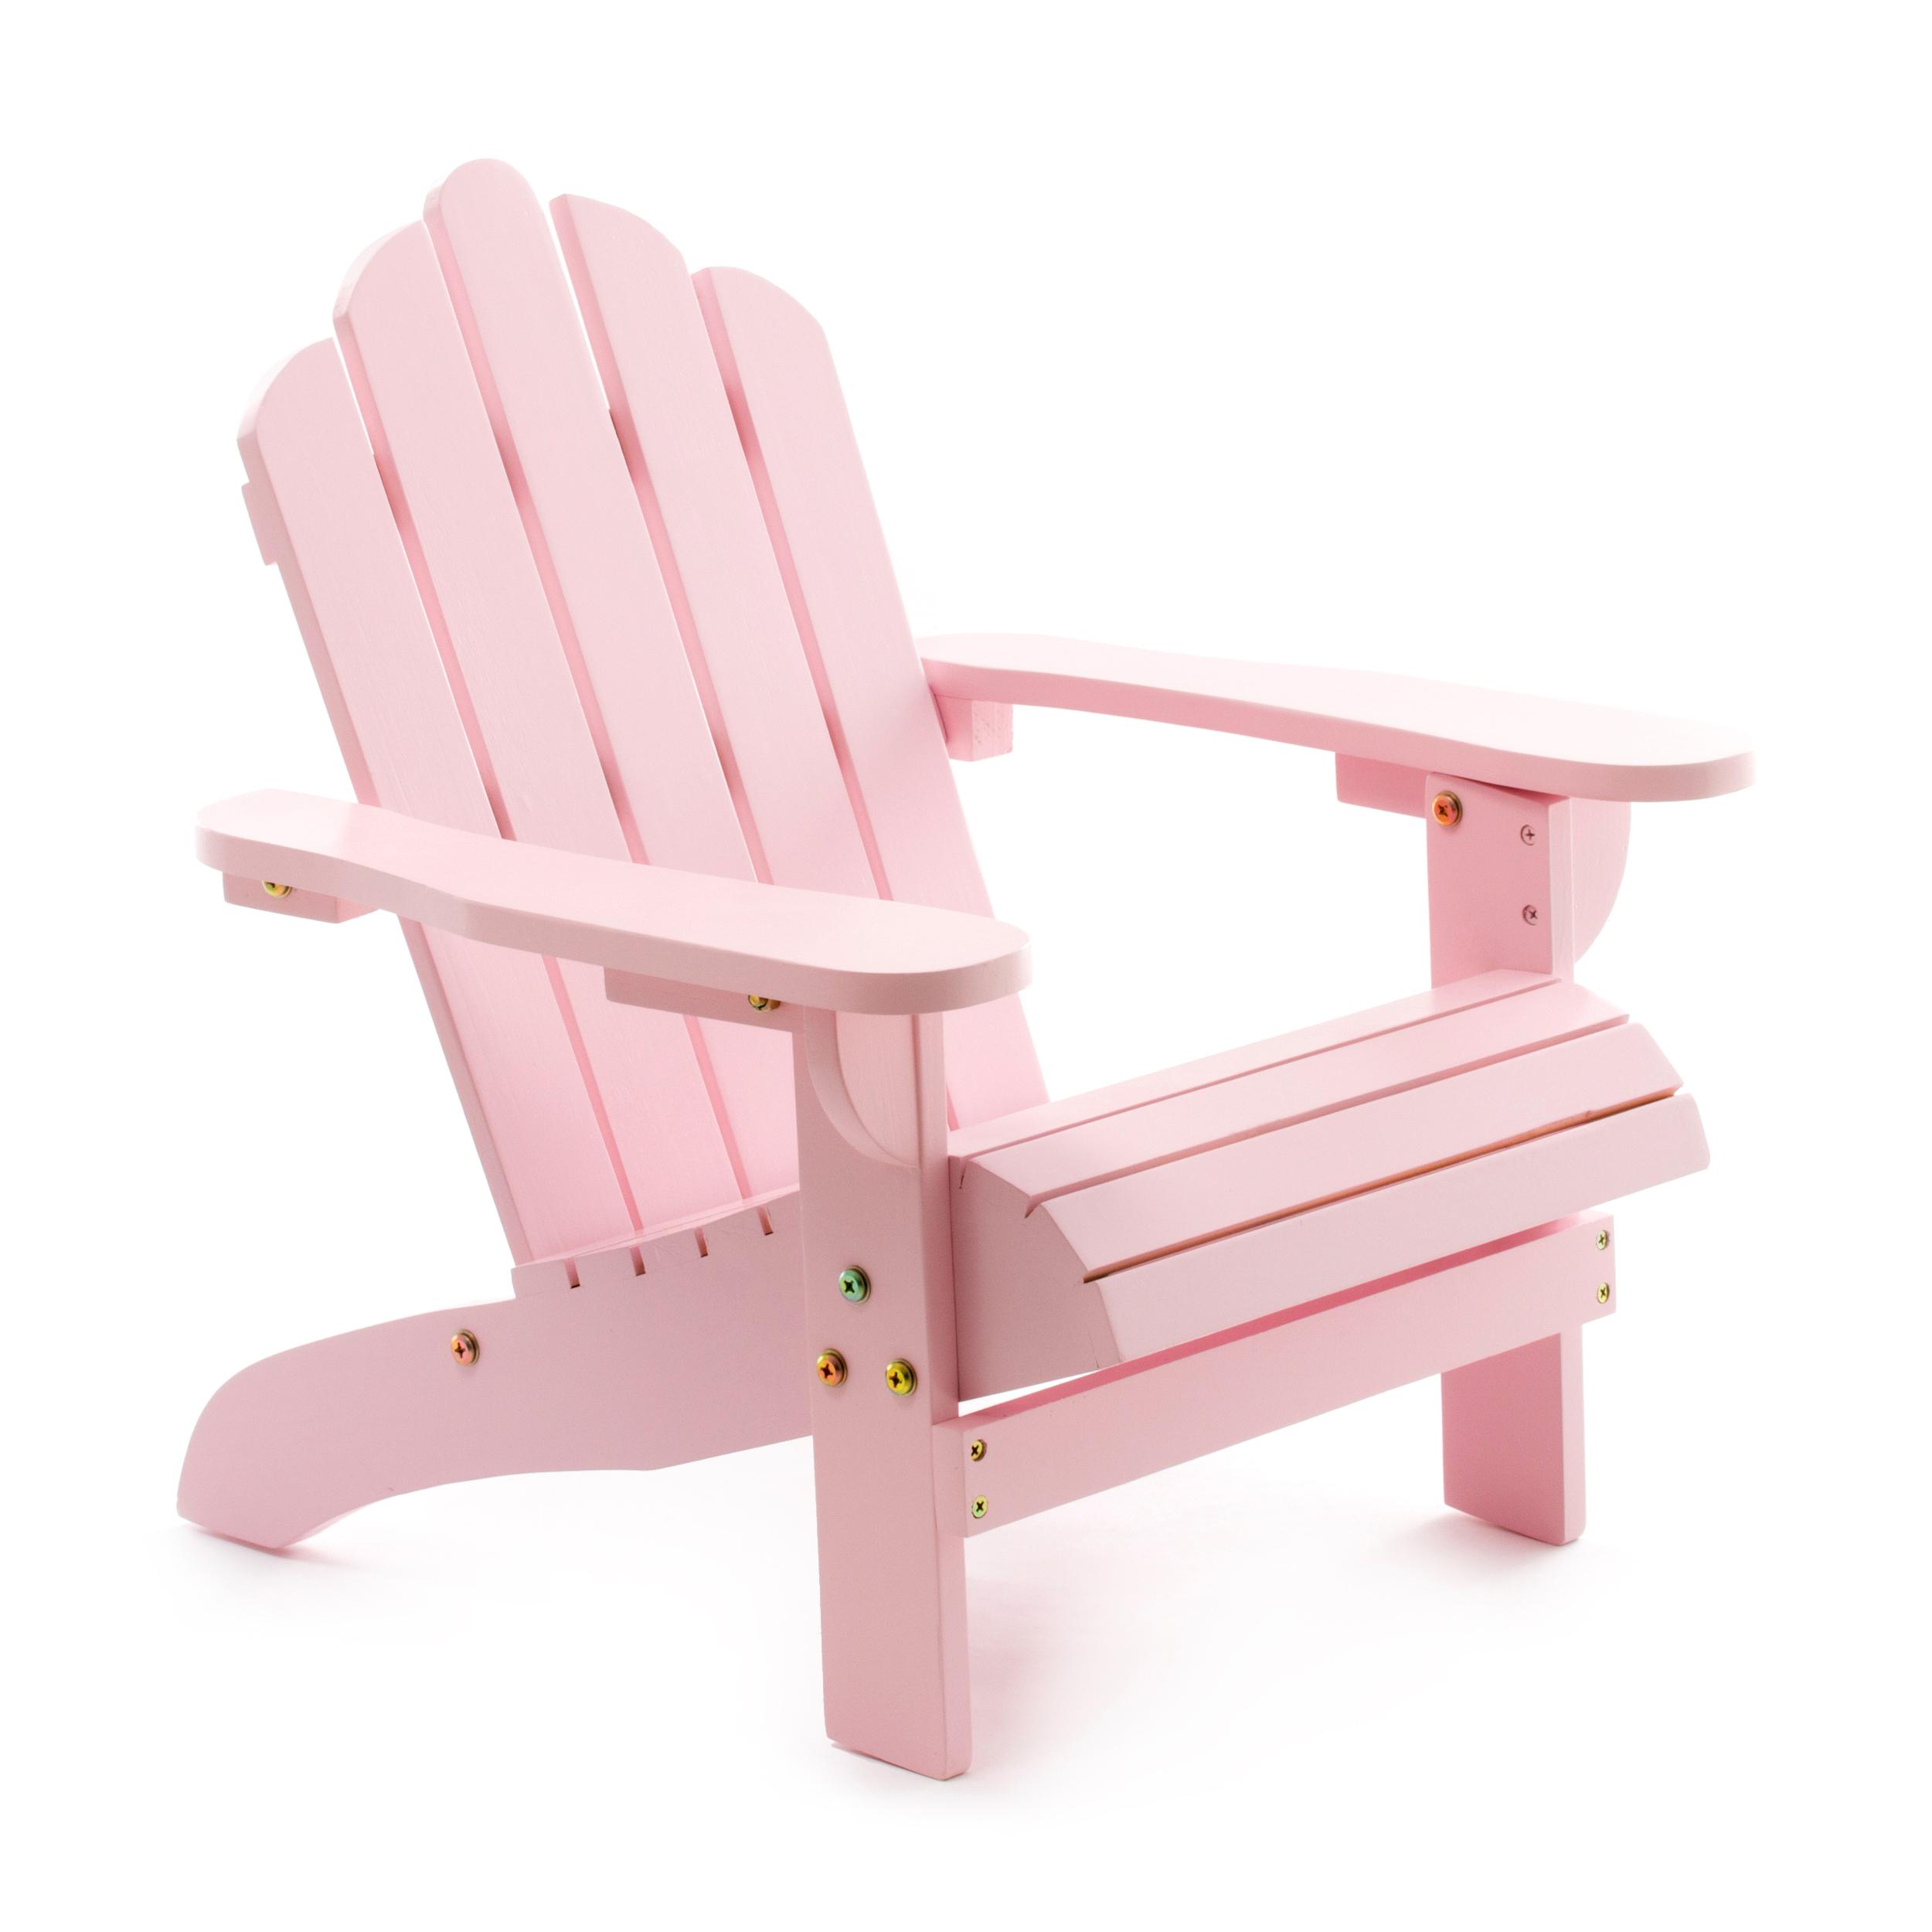 Wonderbaar Roze kinderstoeltje van hout kopen? | Kinderartikelen MH-39